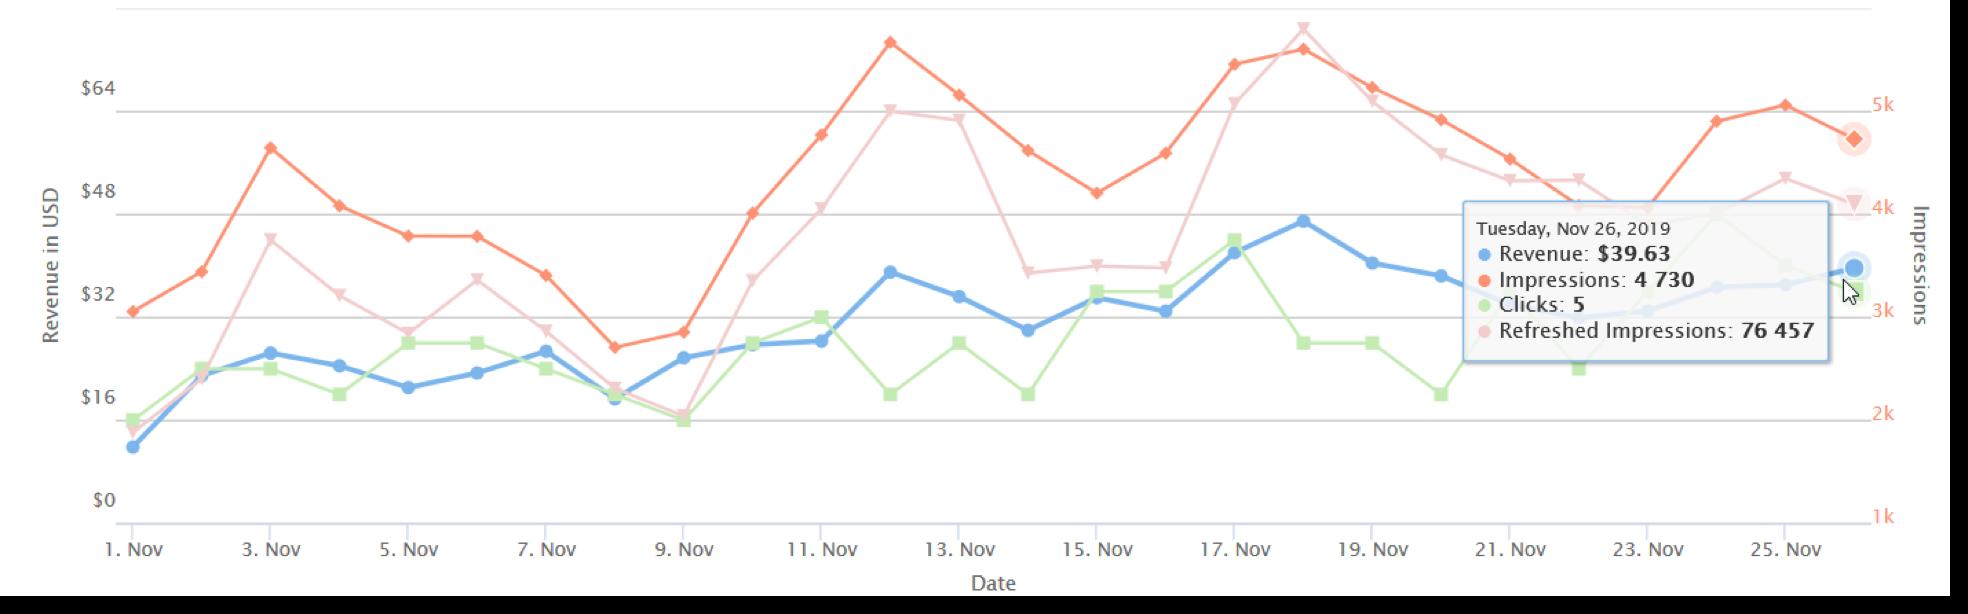 Grafico dei guadagni dei nuovi arrivati 02